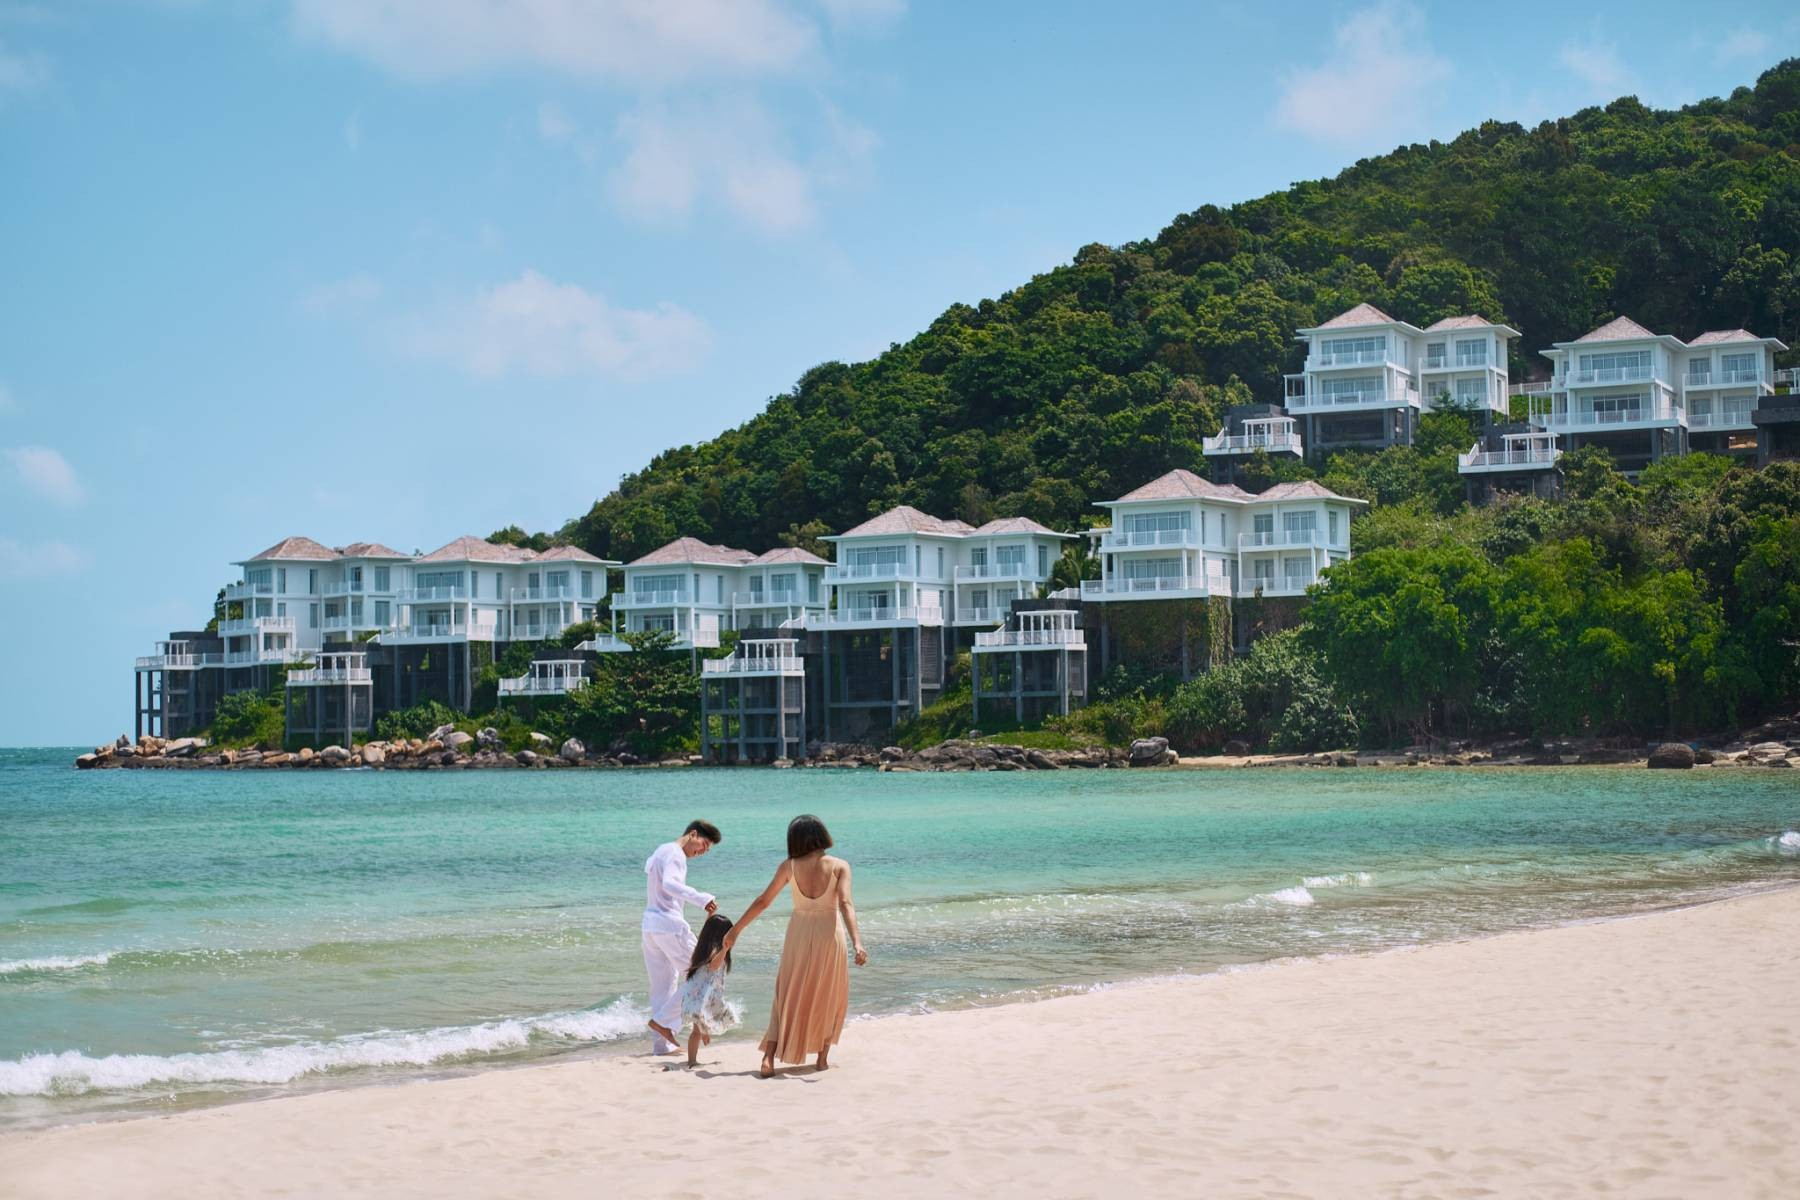 Kinh nghiệm du lịch Phú Quốc cho người mới từ A đến Z